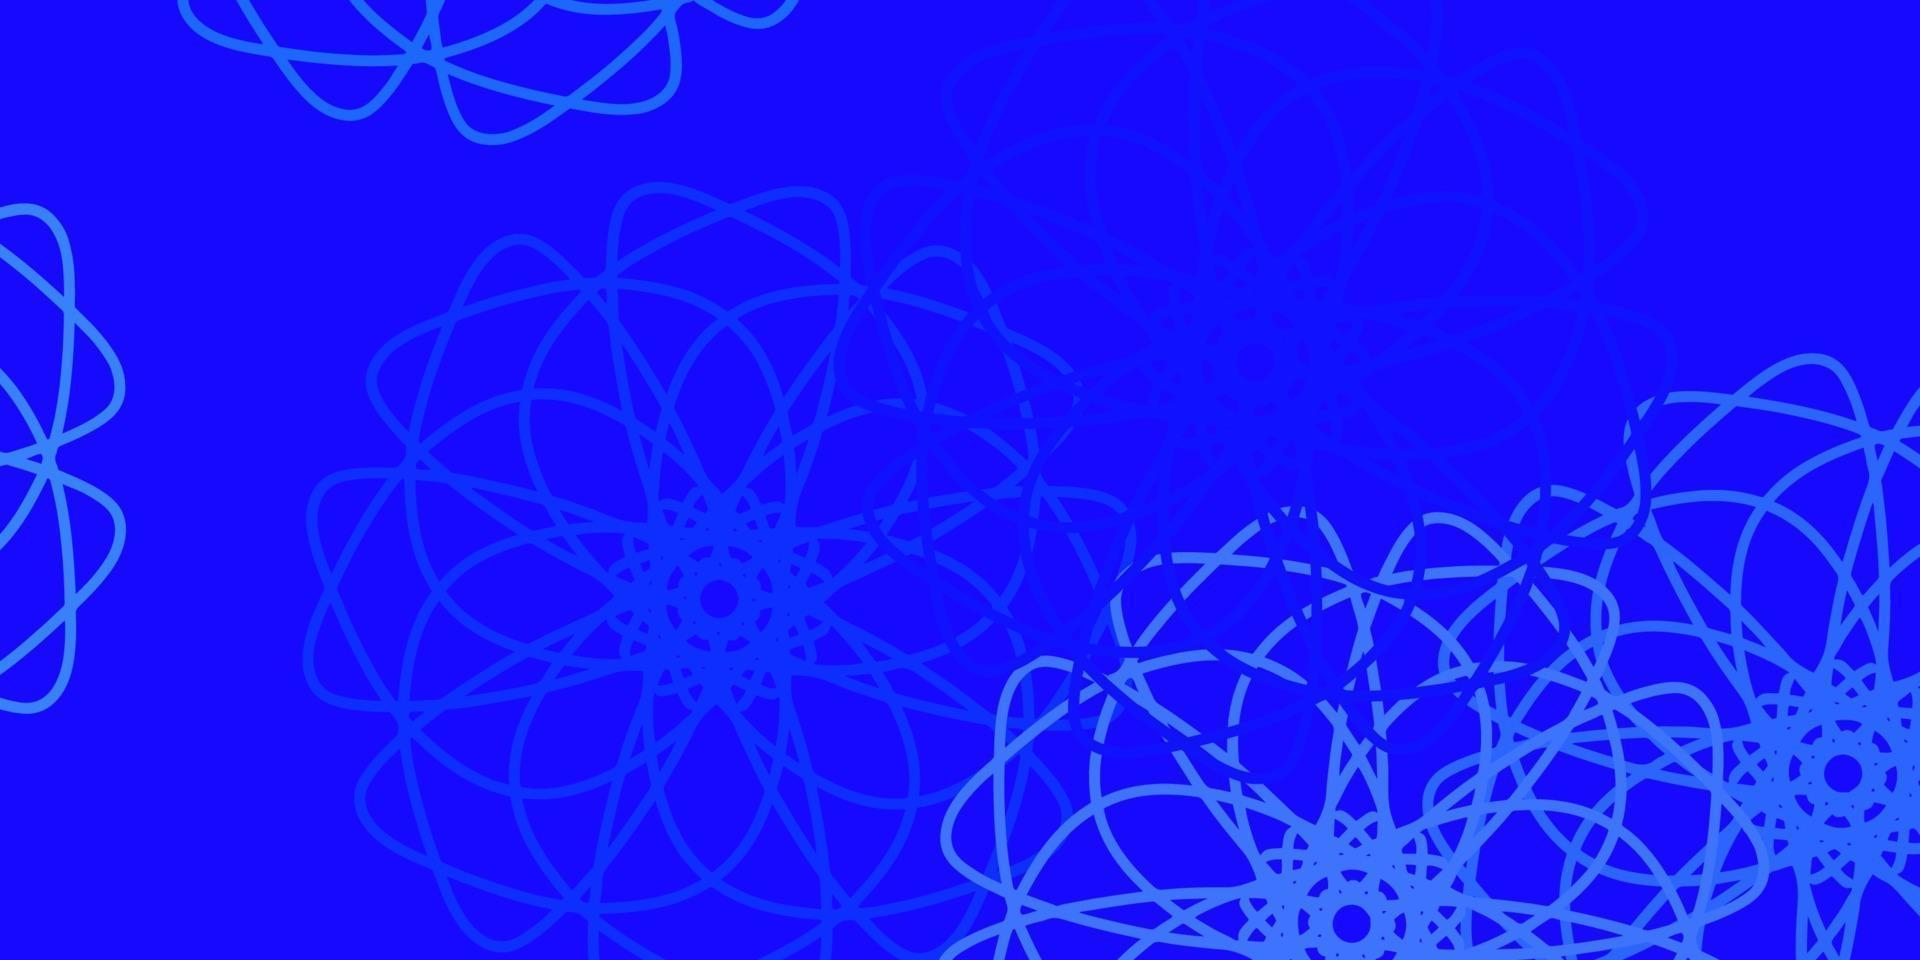 materiale illustrativo naturale di vettore blu chiaro, rosso con i fiori.